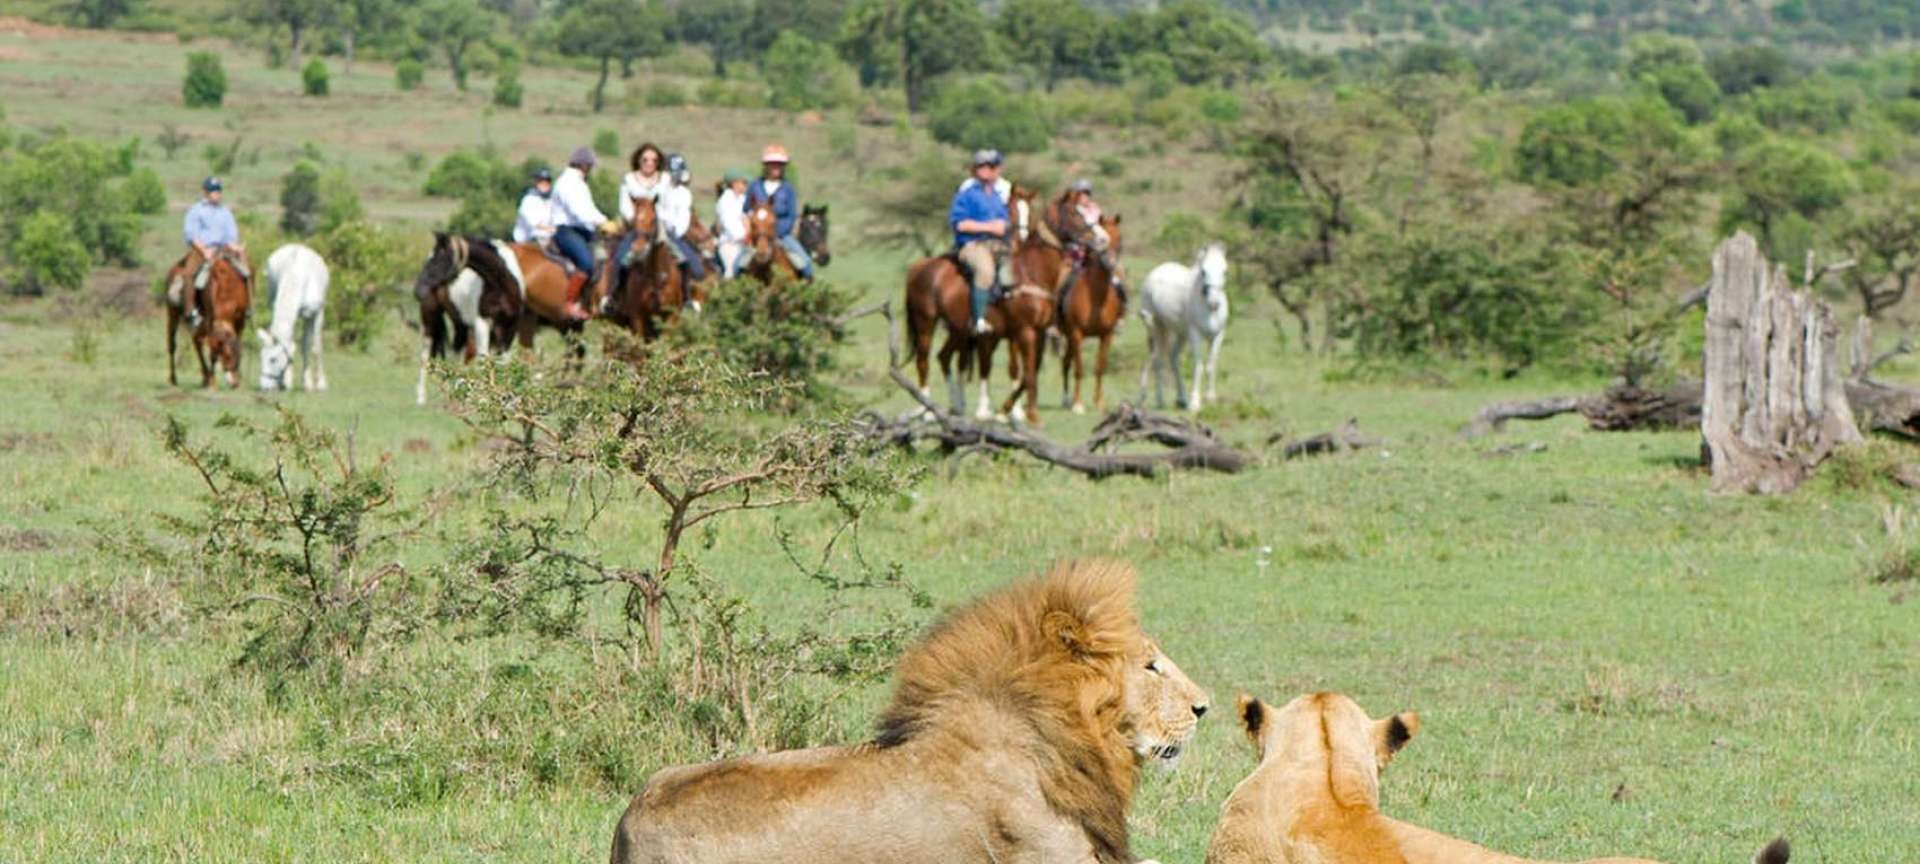 Horseback Safaris in Kenya - Africa Wildlife Safaris